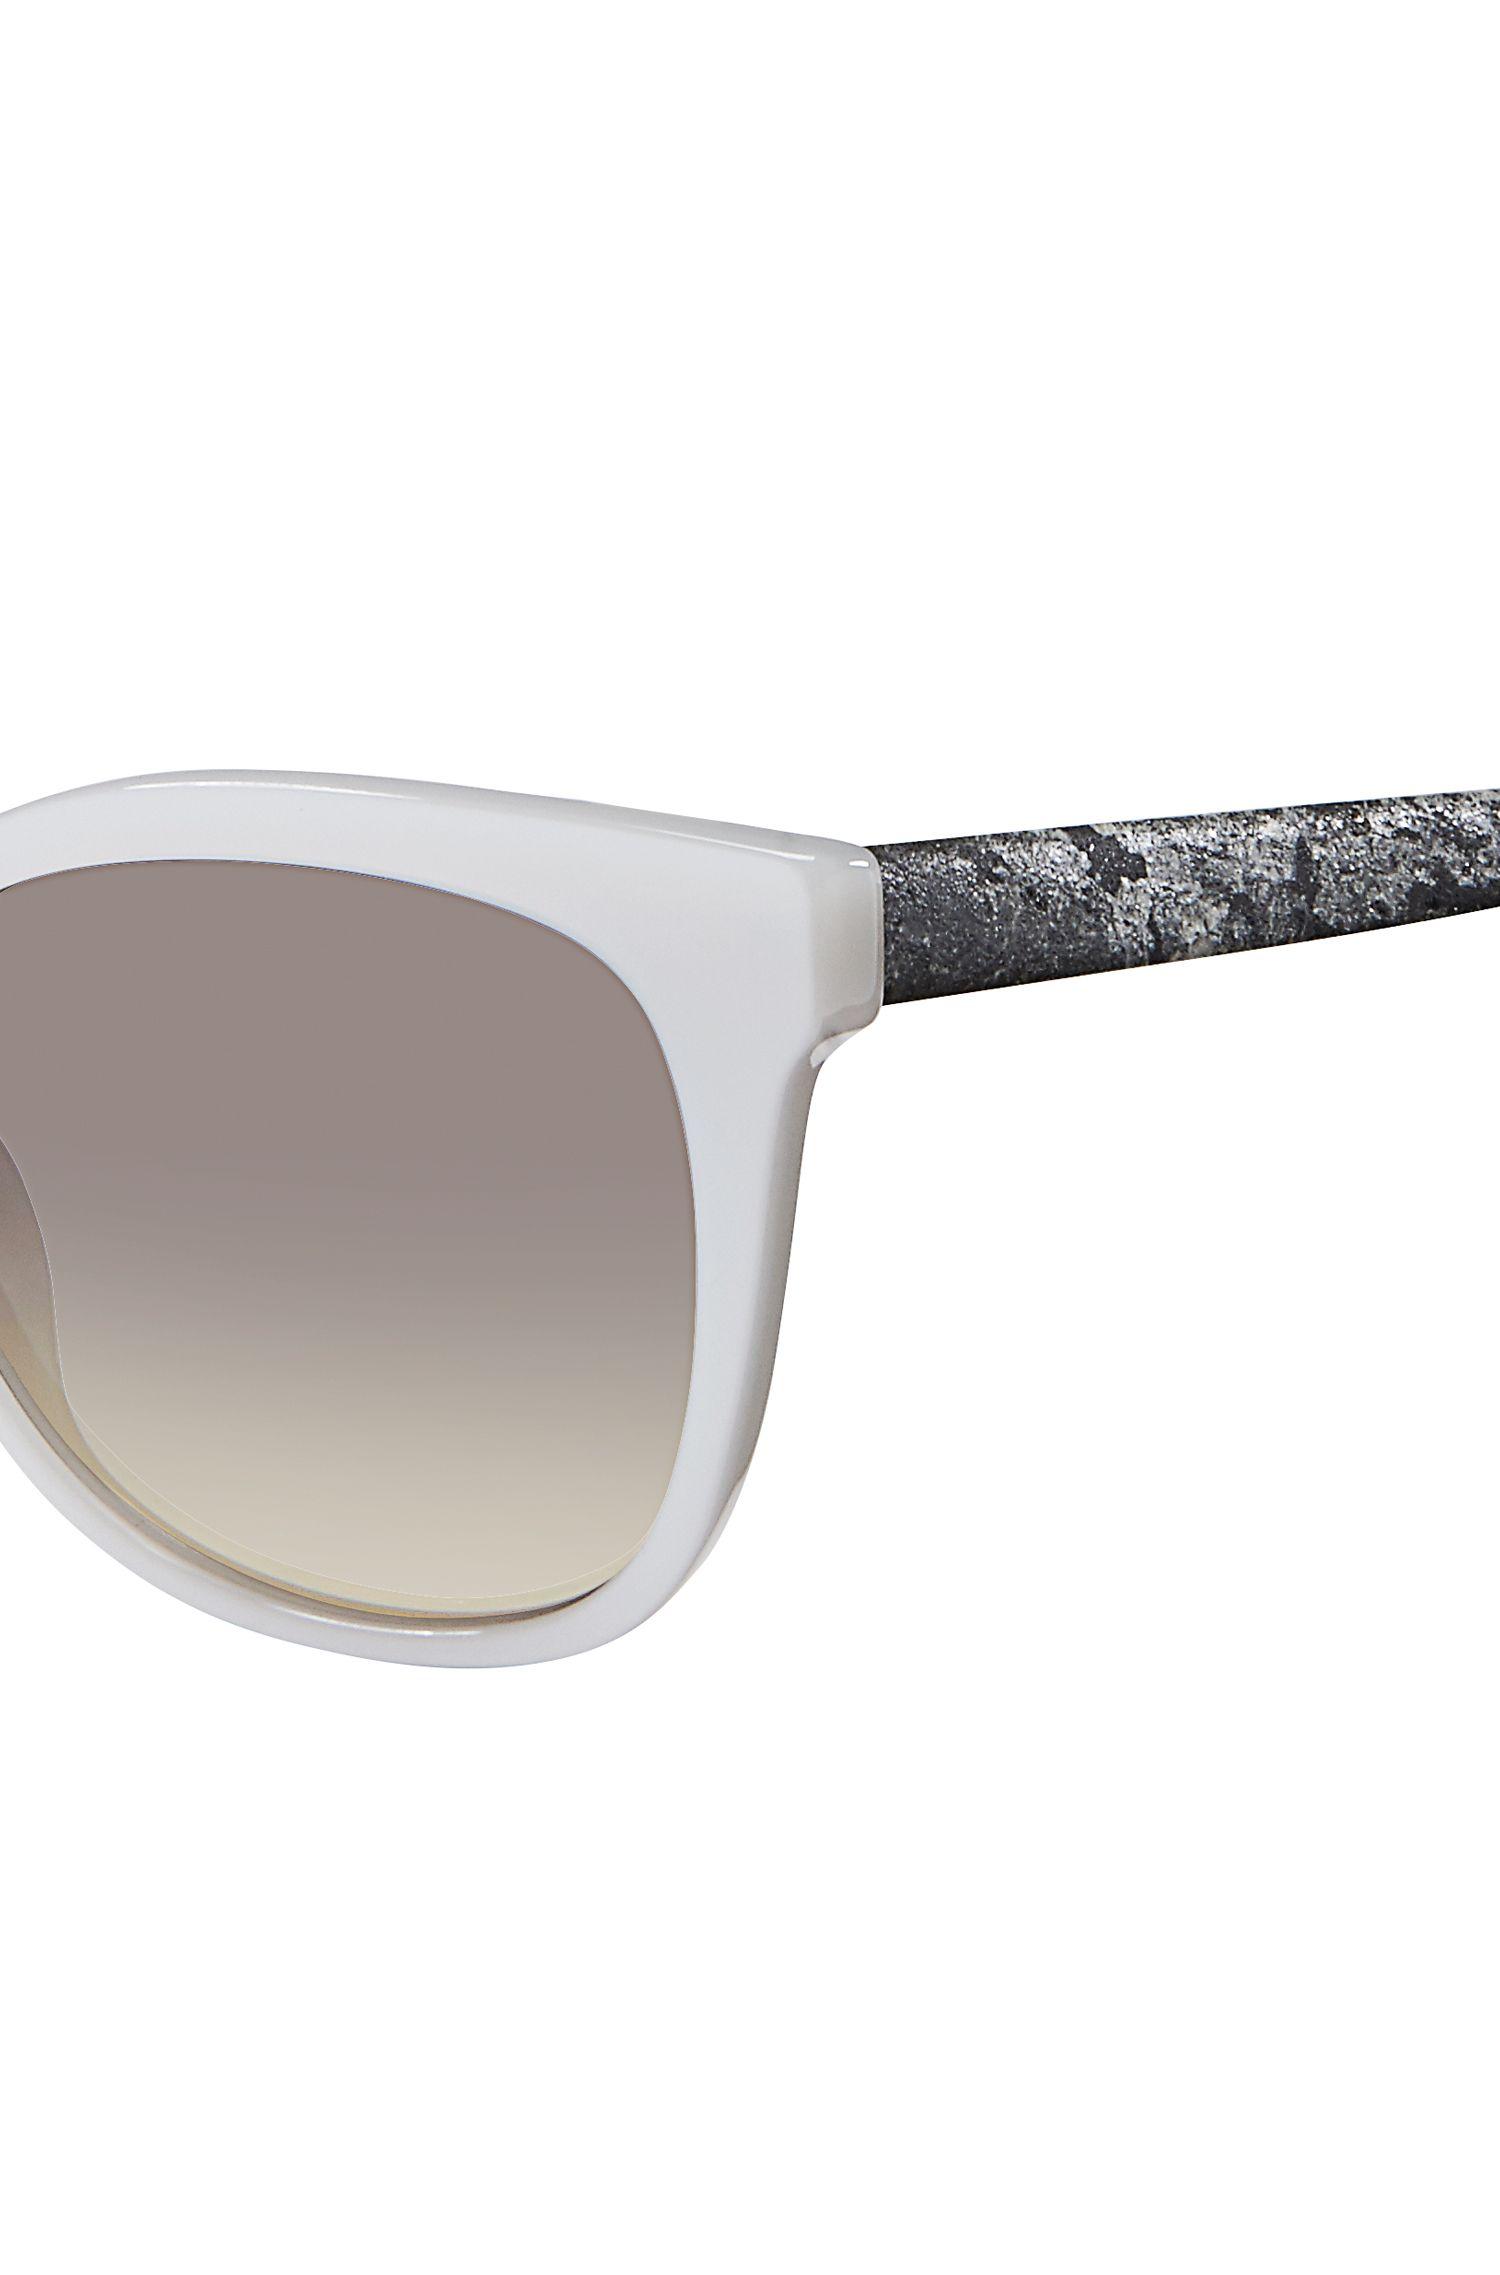 White Acetate Round Sunglasses | BOSS 0893